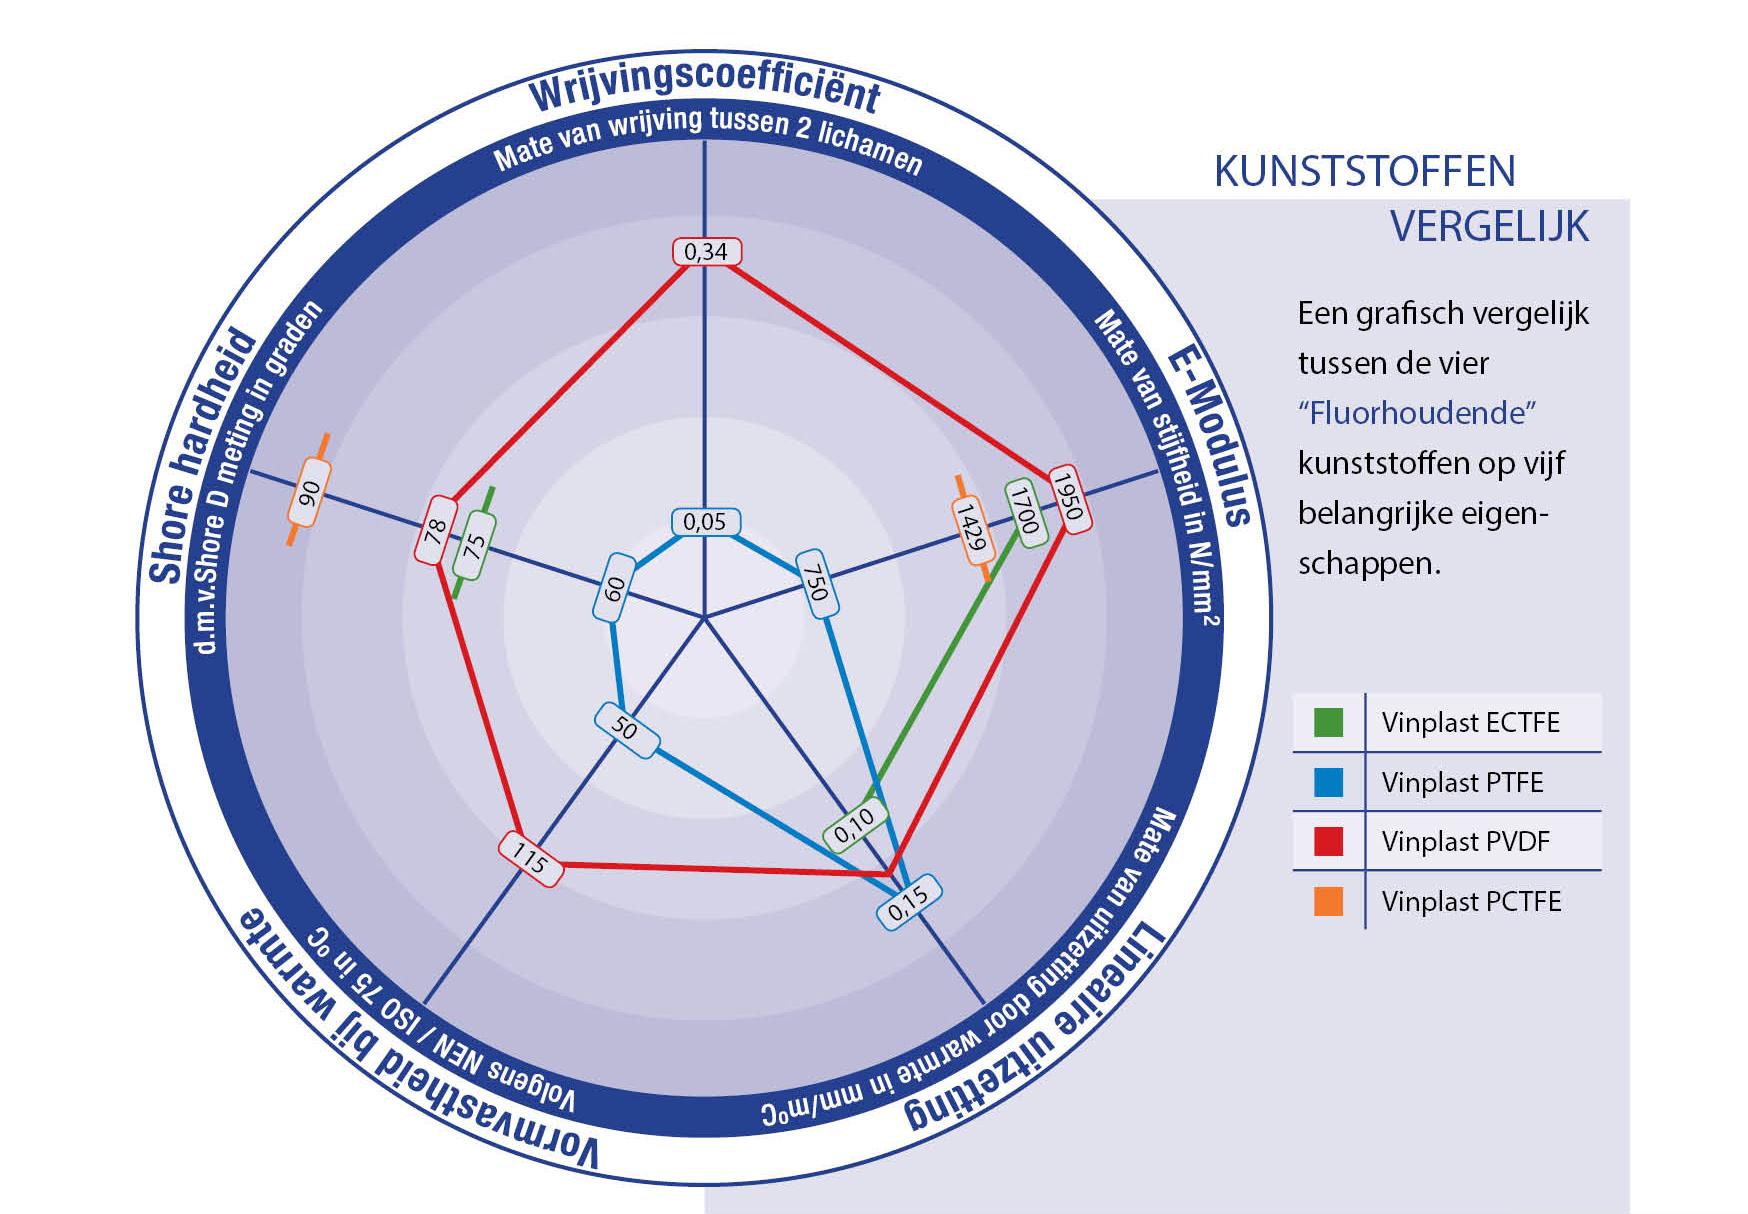 Fluorhoudende kunststoffen vergelijken